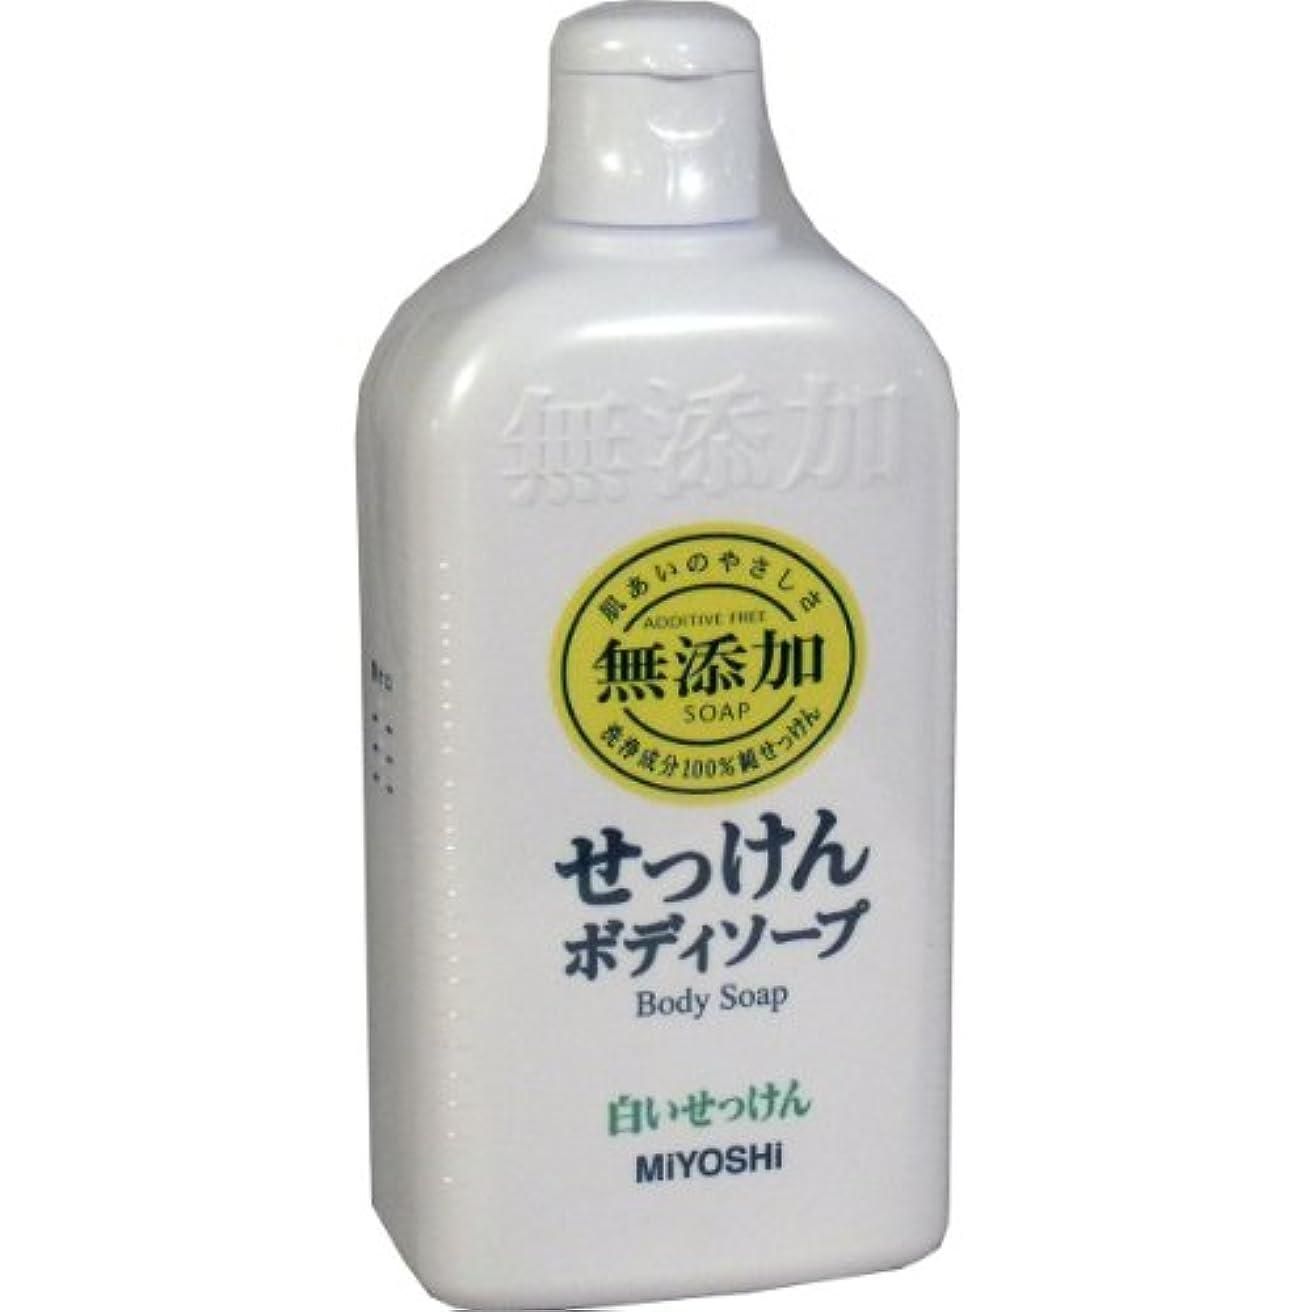 有効な回復するその間無添加 ボディソープ 白い石けん レギュラー 400ml(無添加石鹸) 7セット